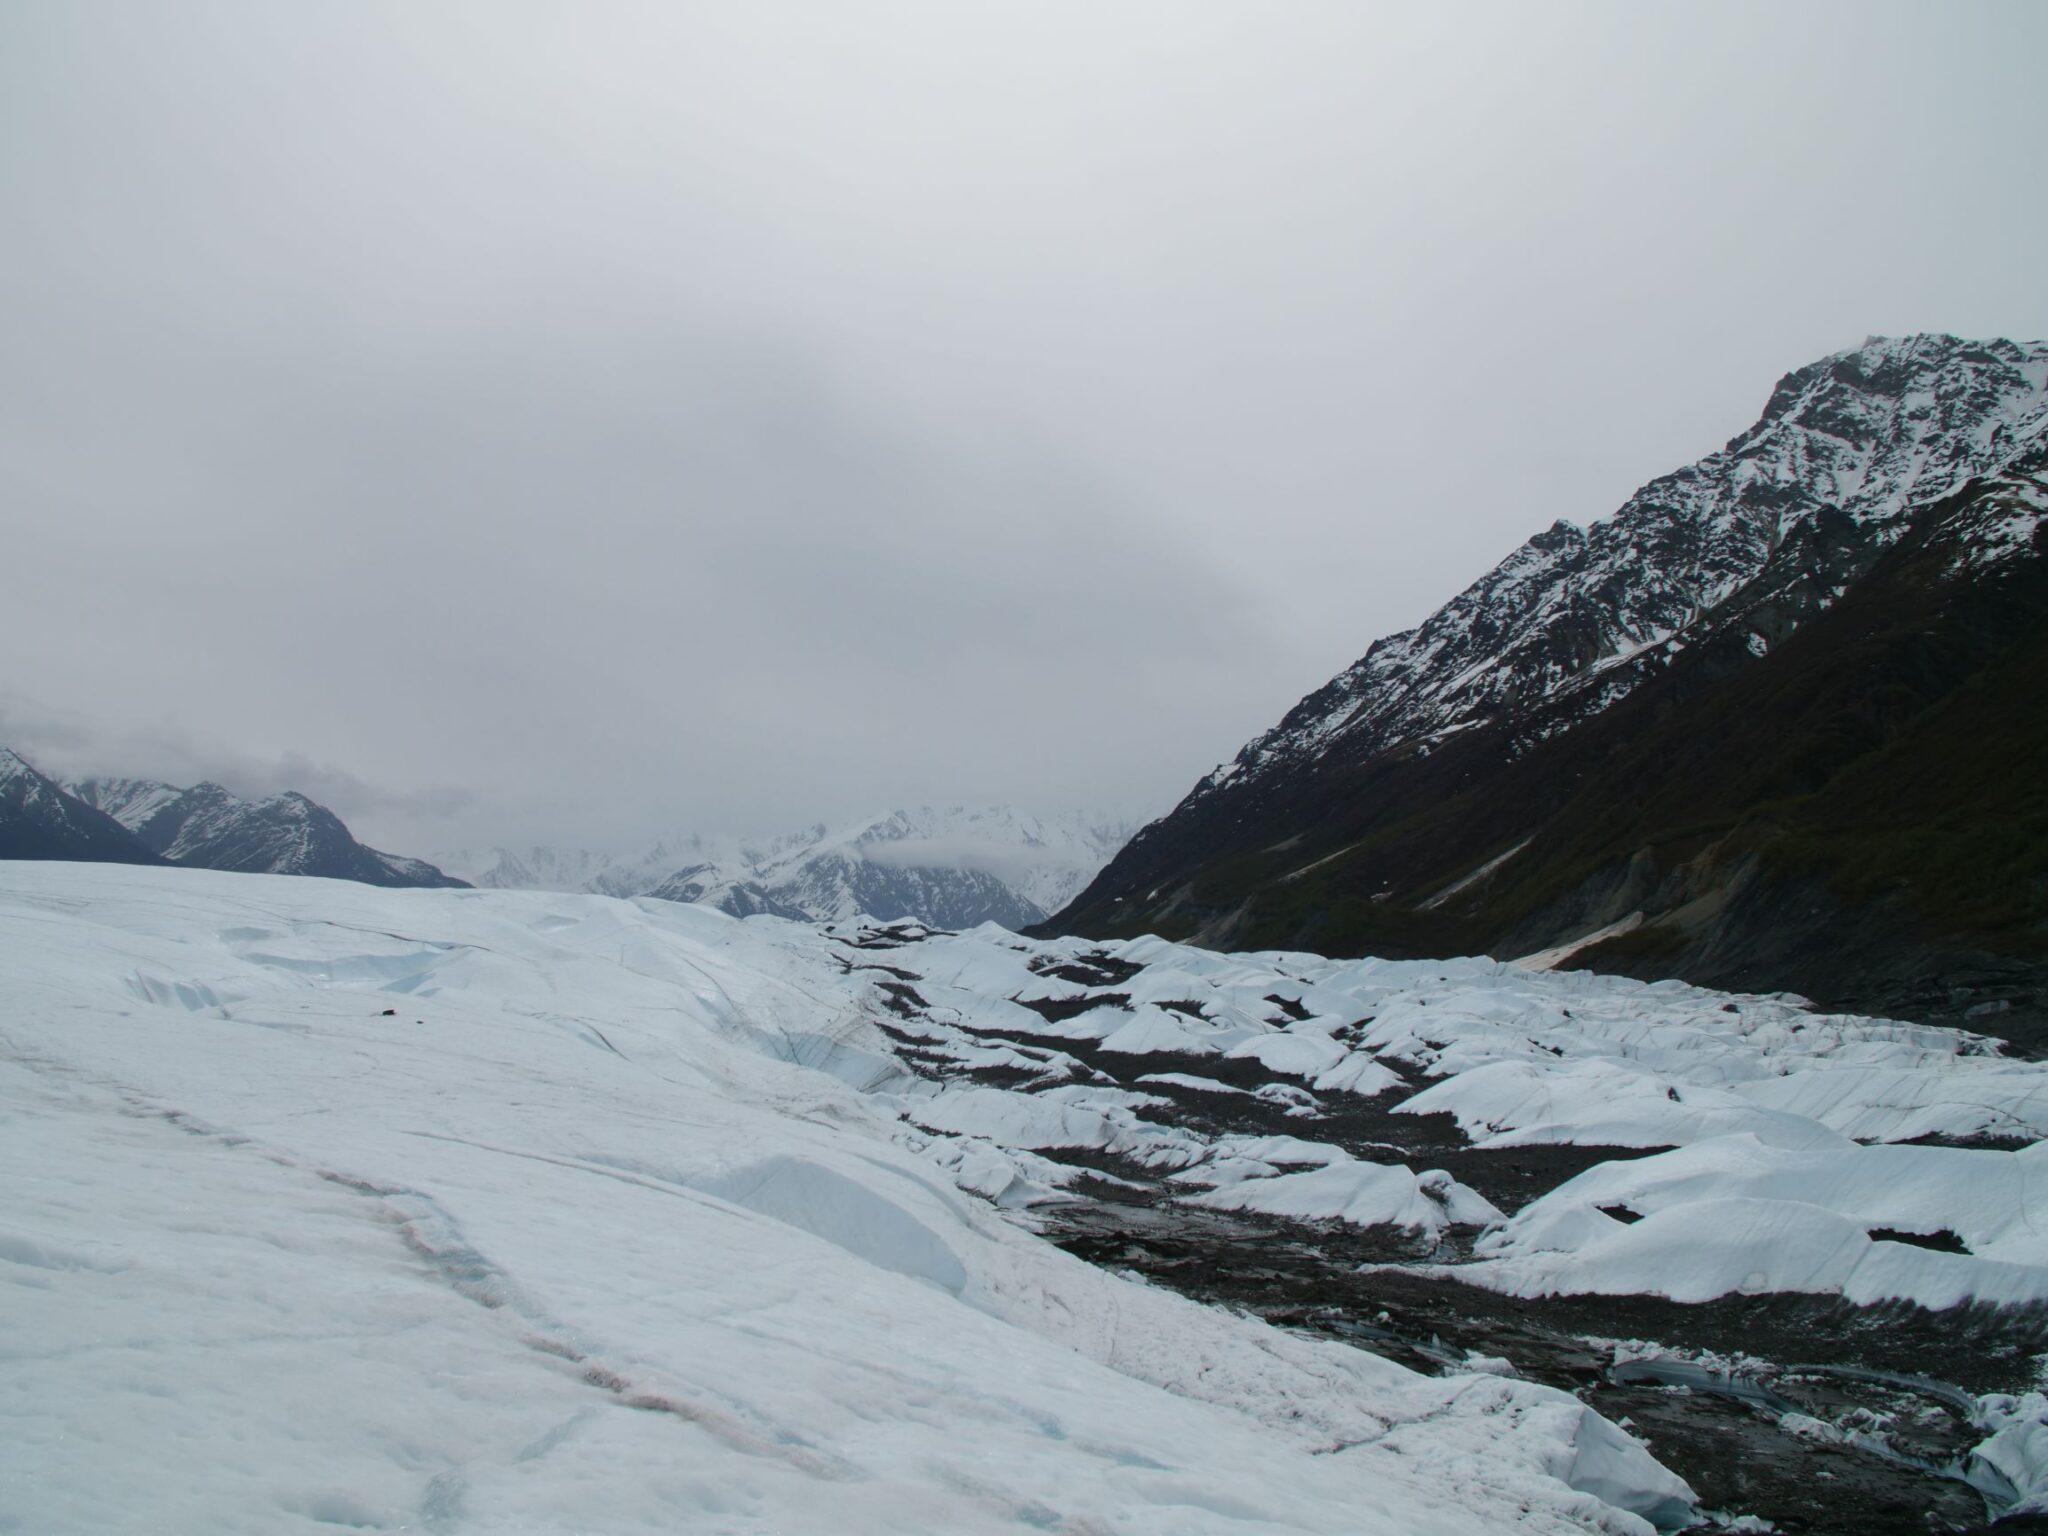 Matanuska valley and mountains